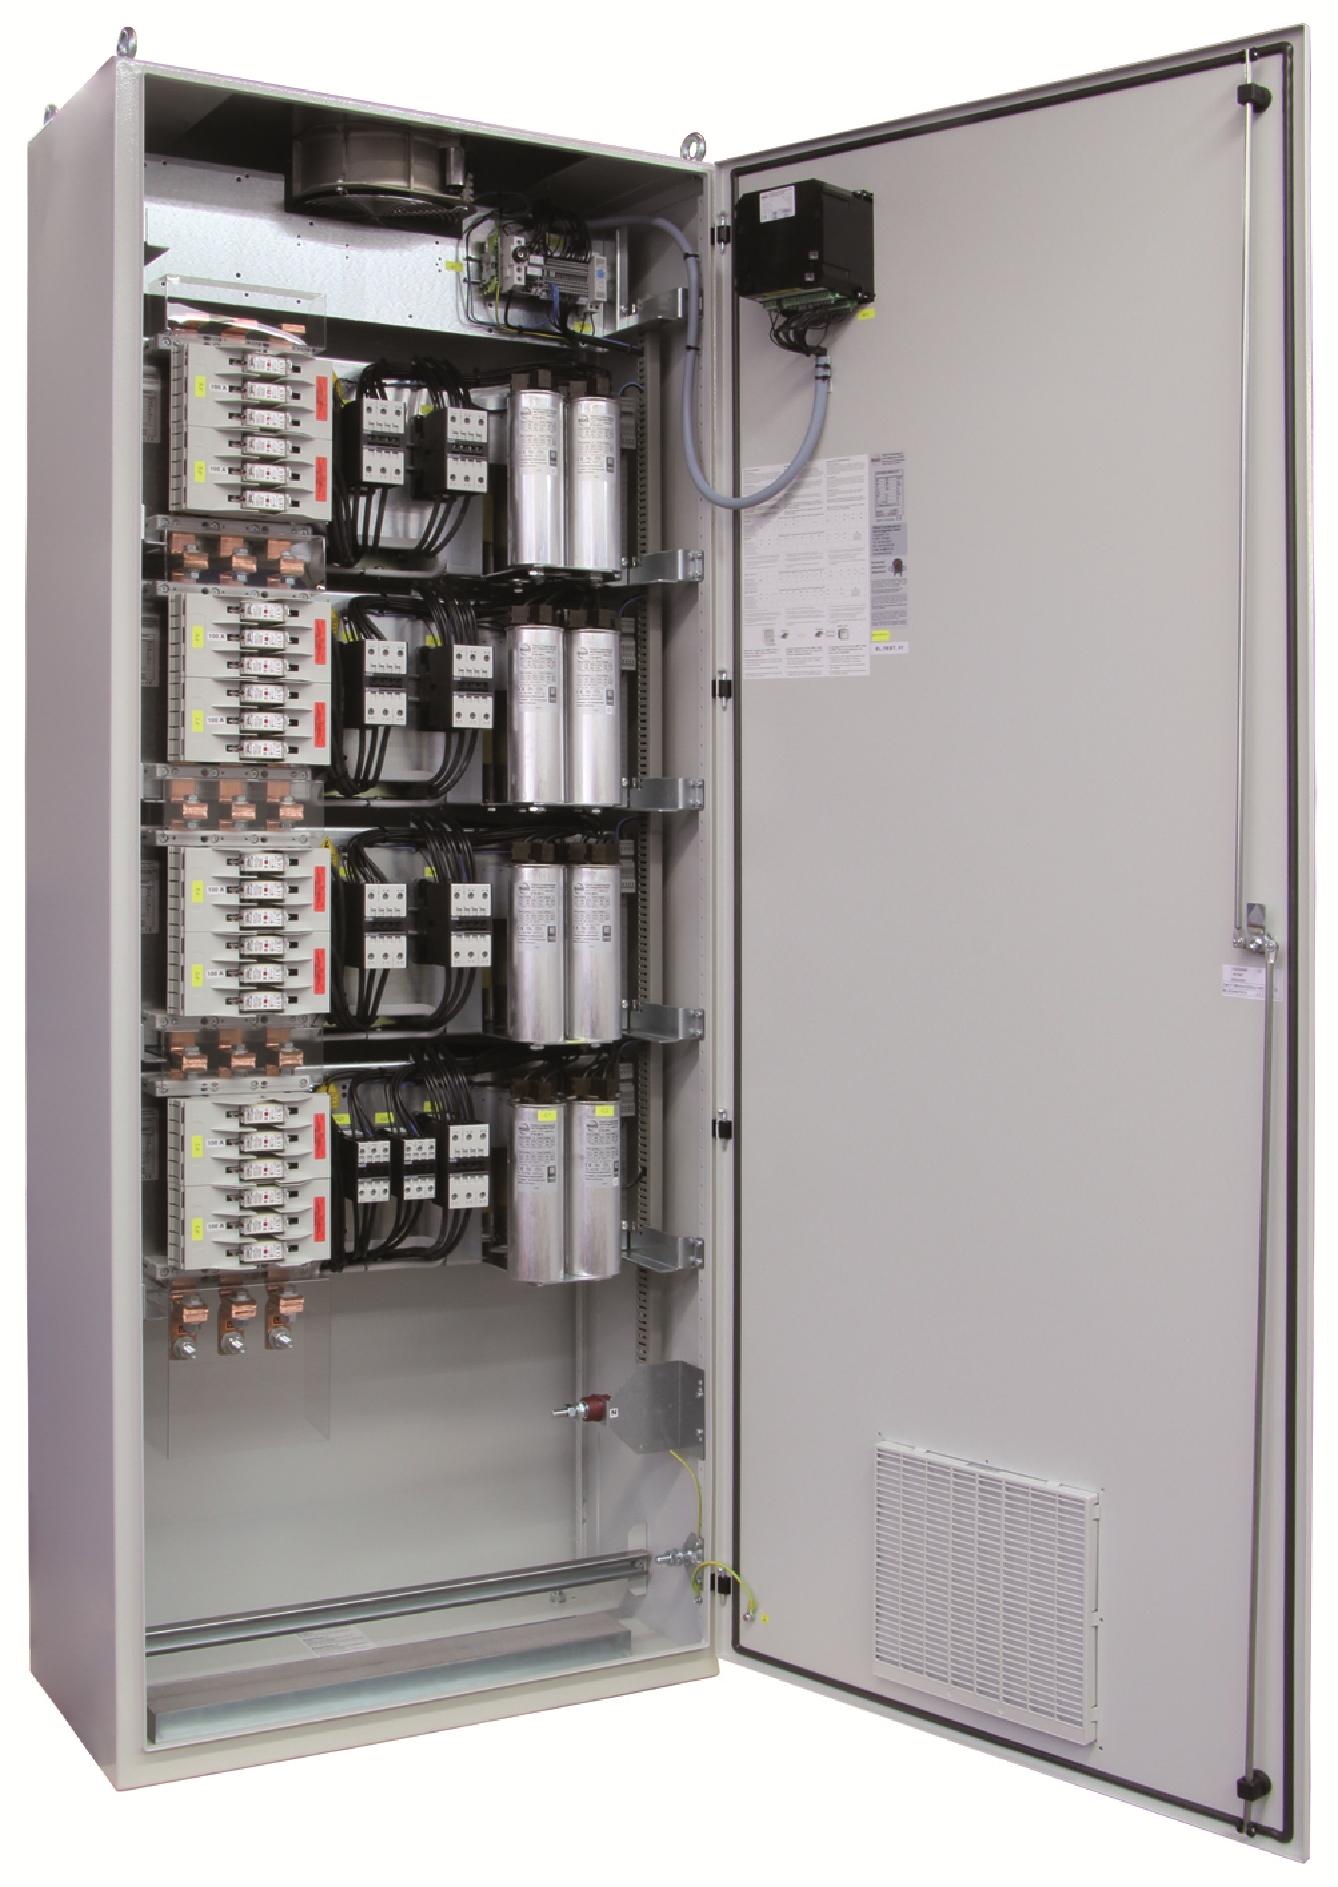 1 Stk Kompensation LSFC 7% 200/25kvar 800x2000x400mm FR3422674-